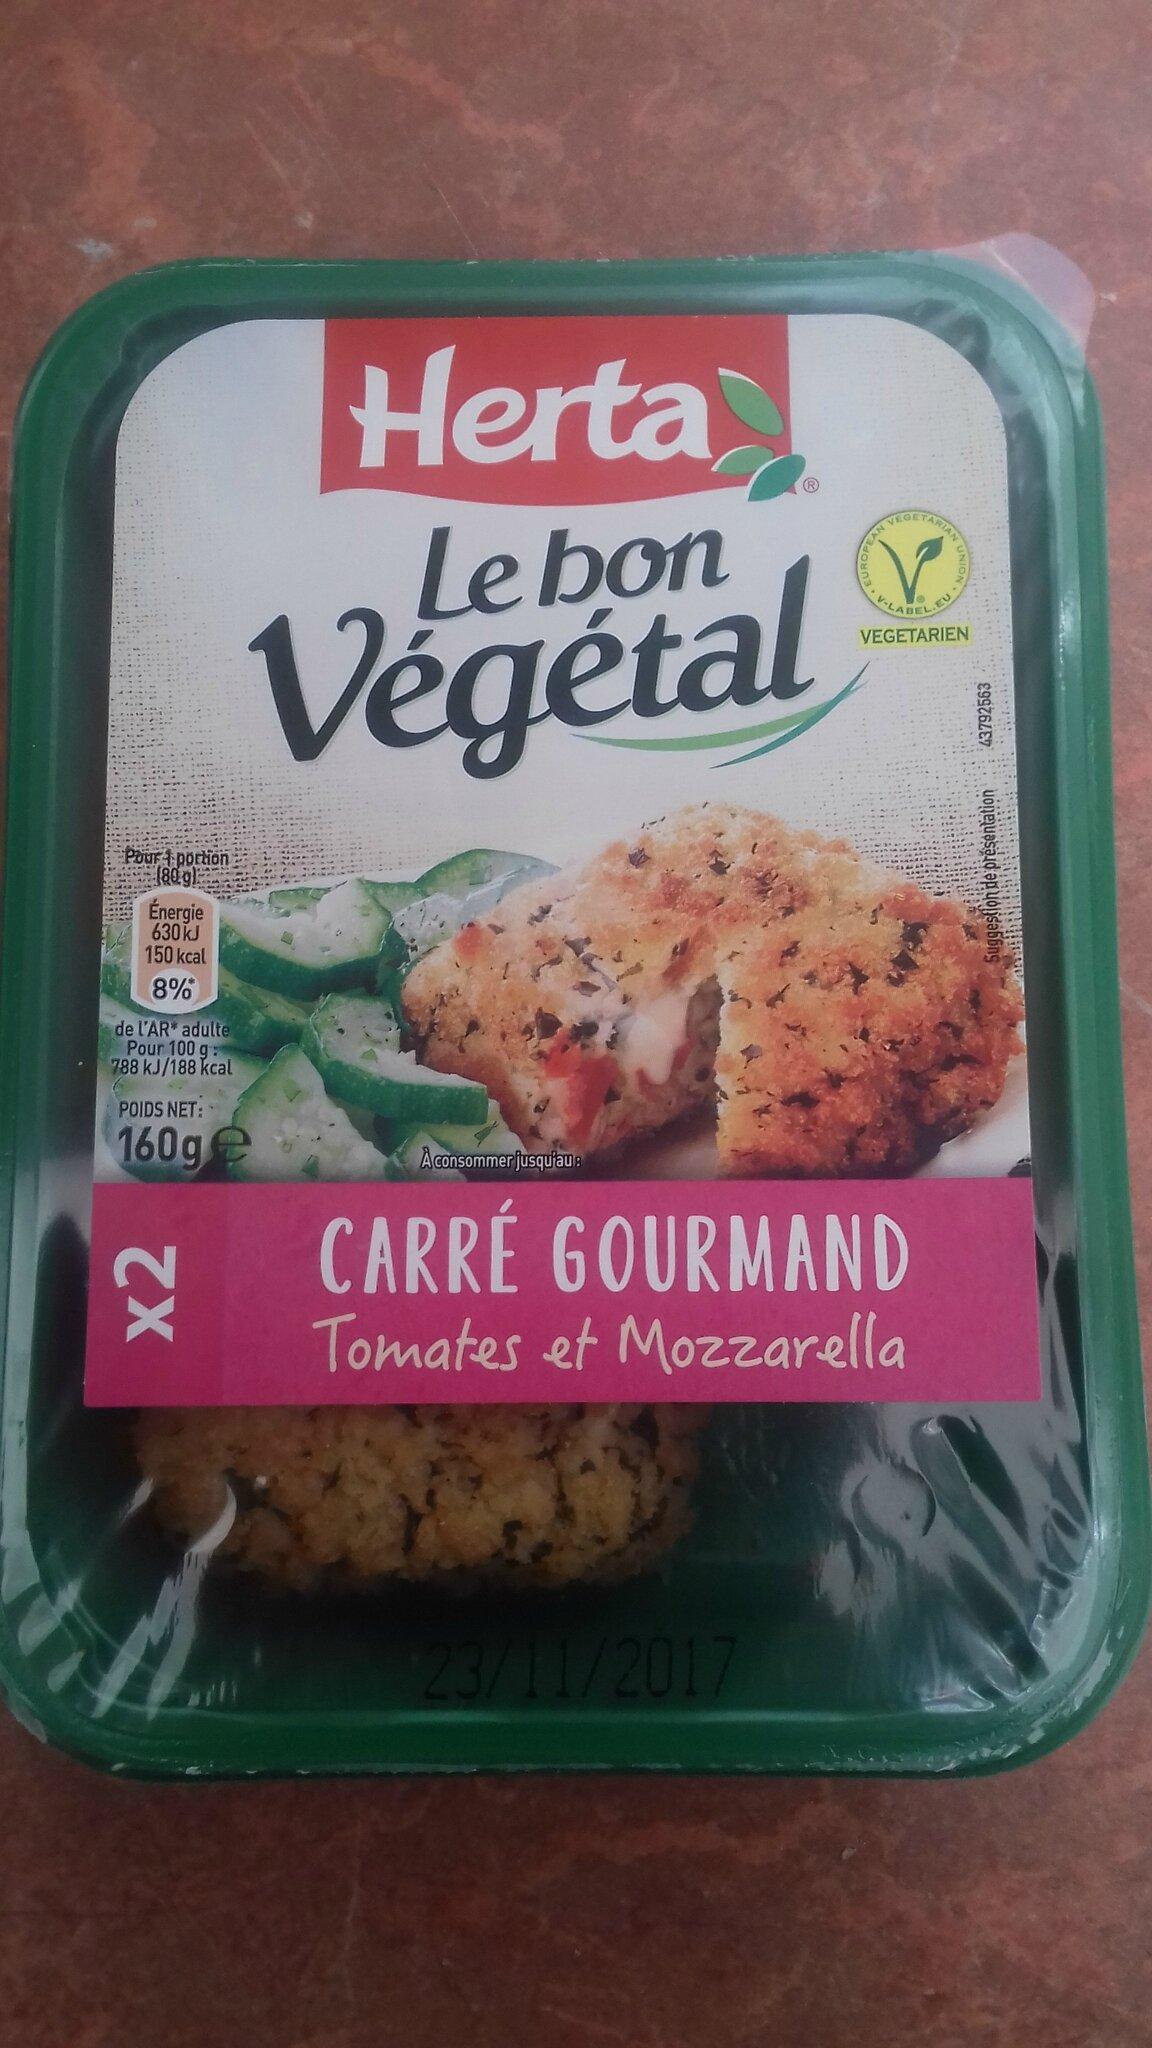 Le Bon Végétal Herta